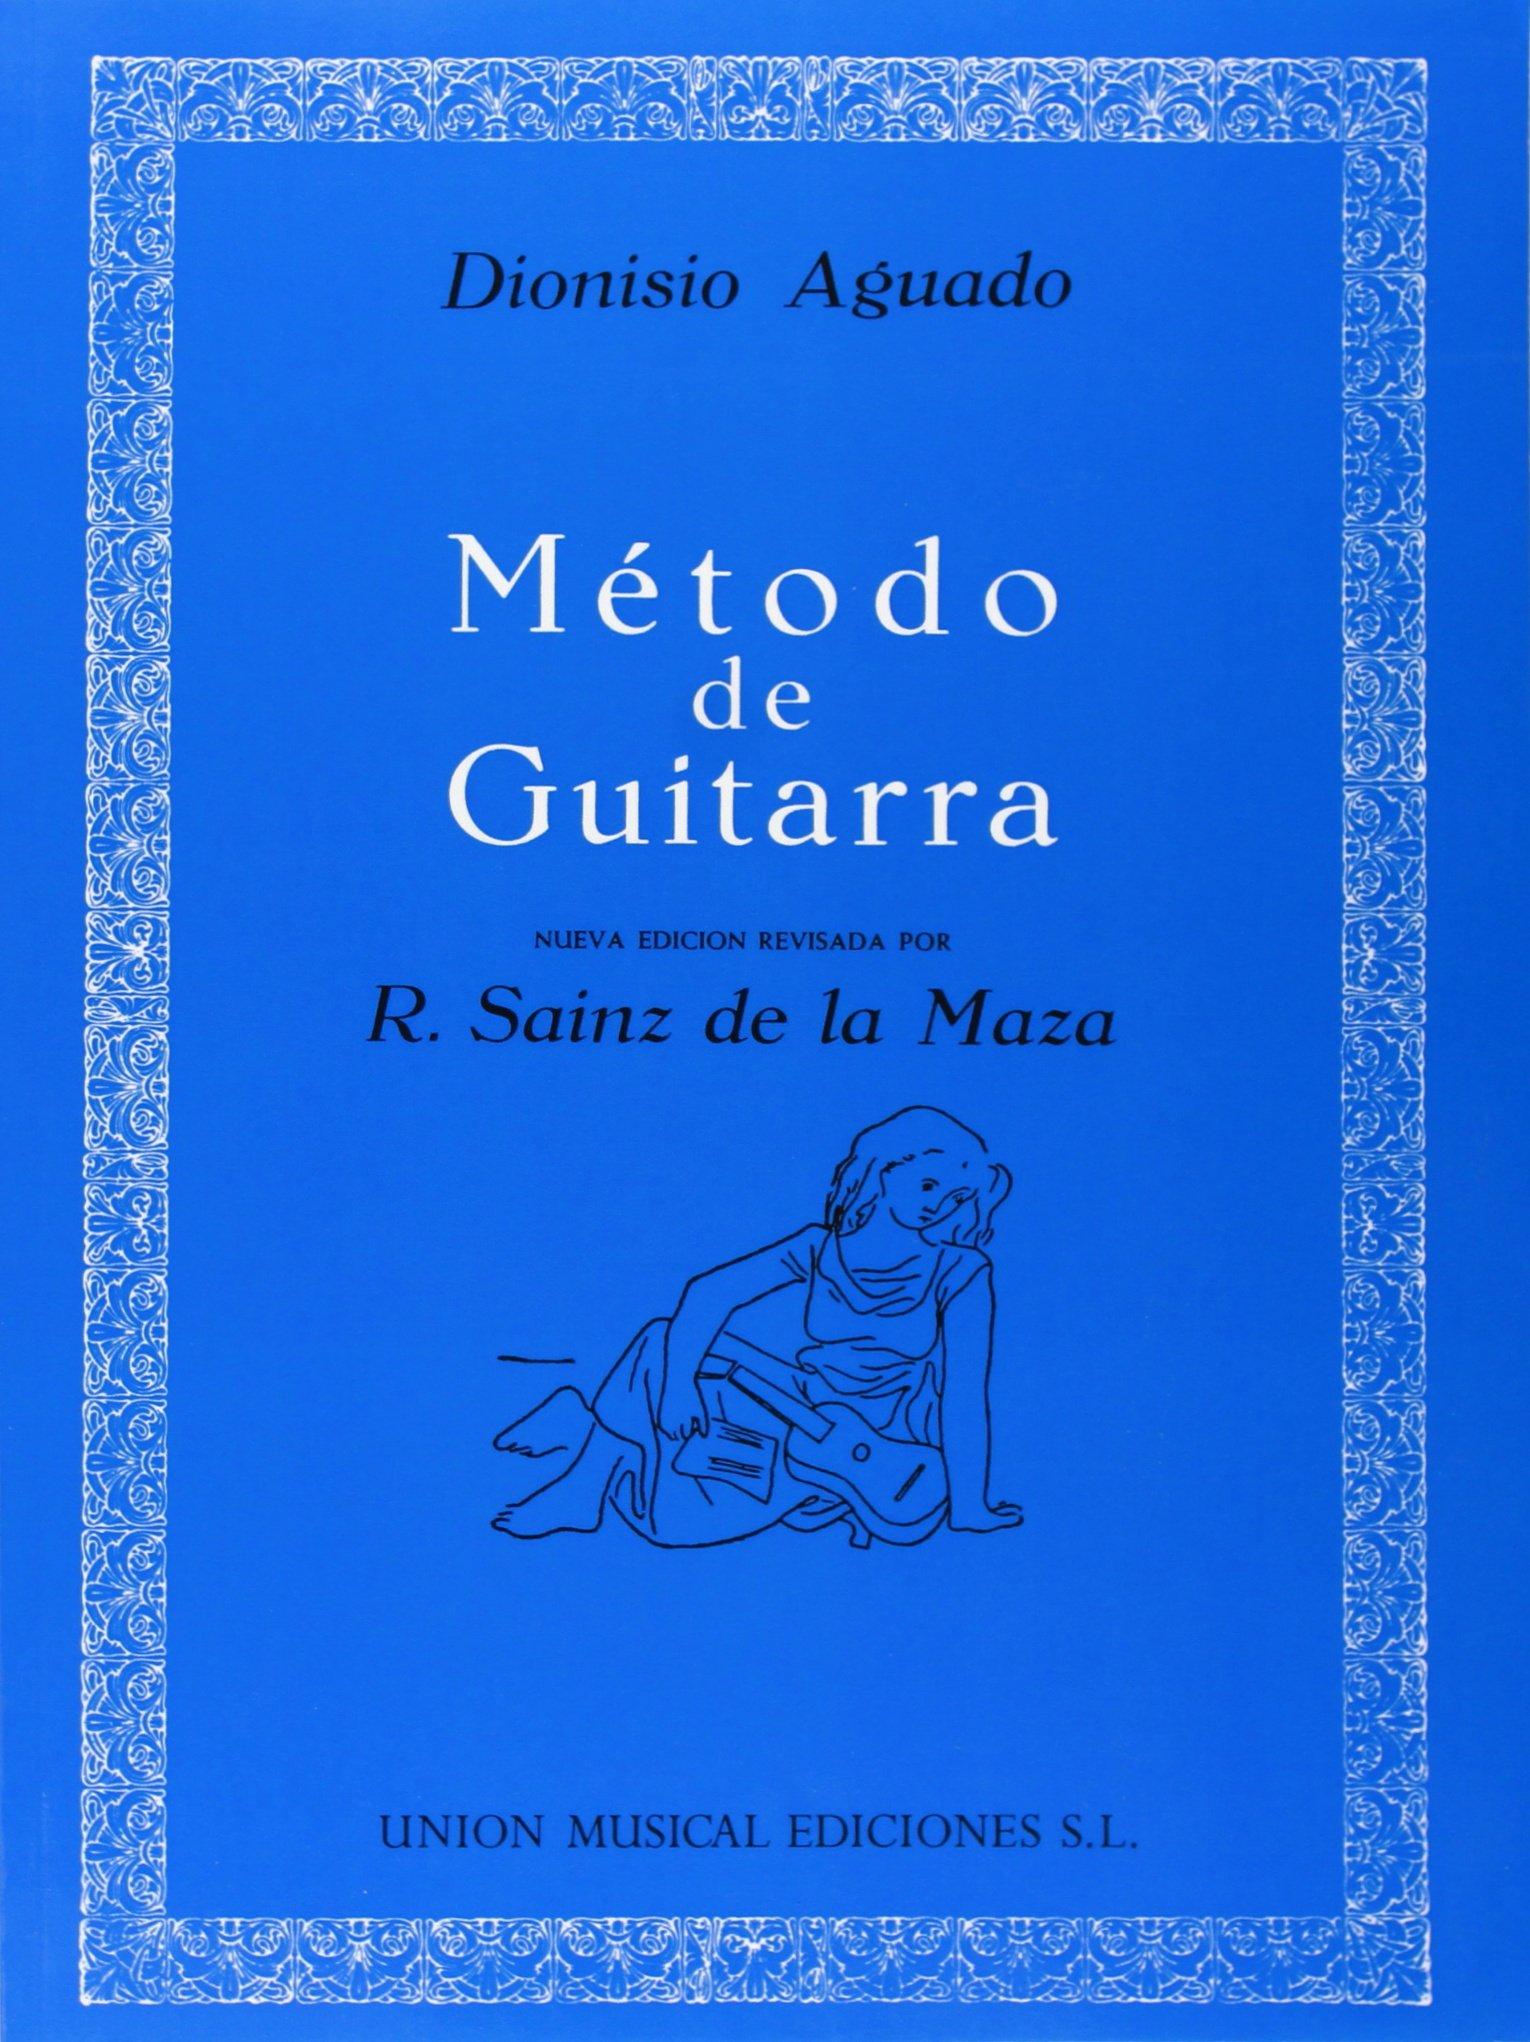 Dionisio Aguado: Metodo De Guitarra: Amazon.es: Aguado, Dionisio ...